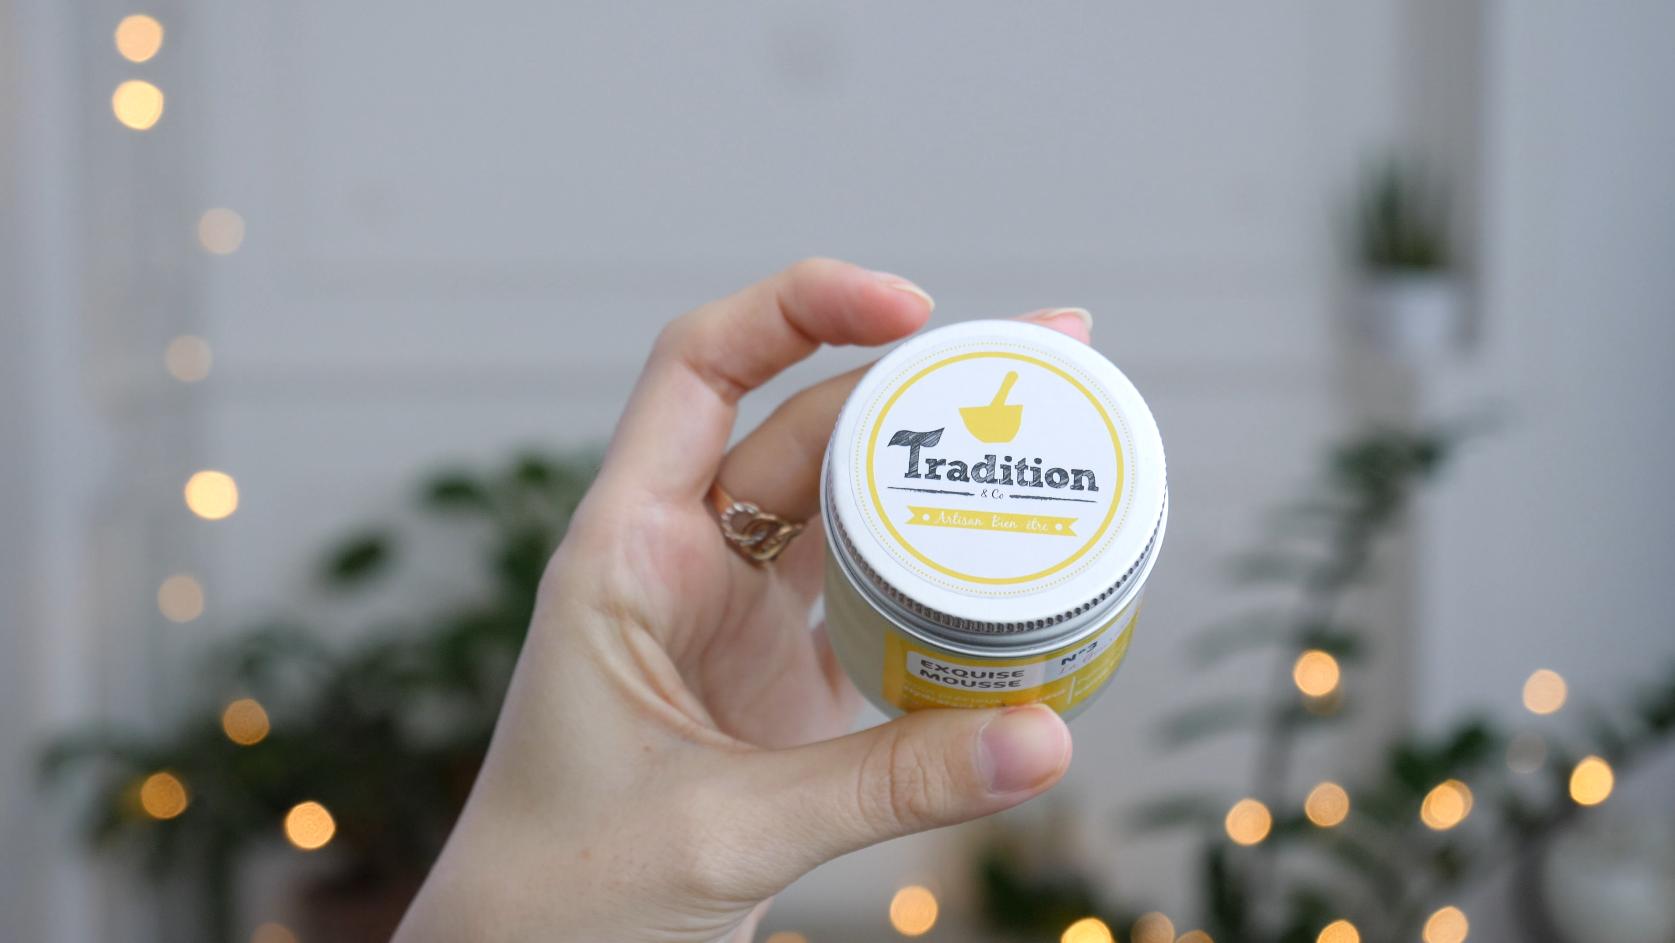 produits naturels favoris tradition&co